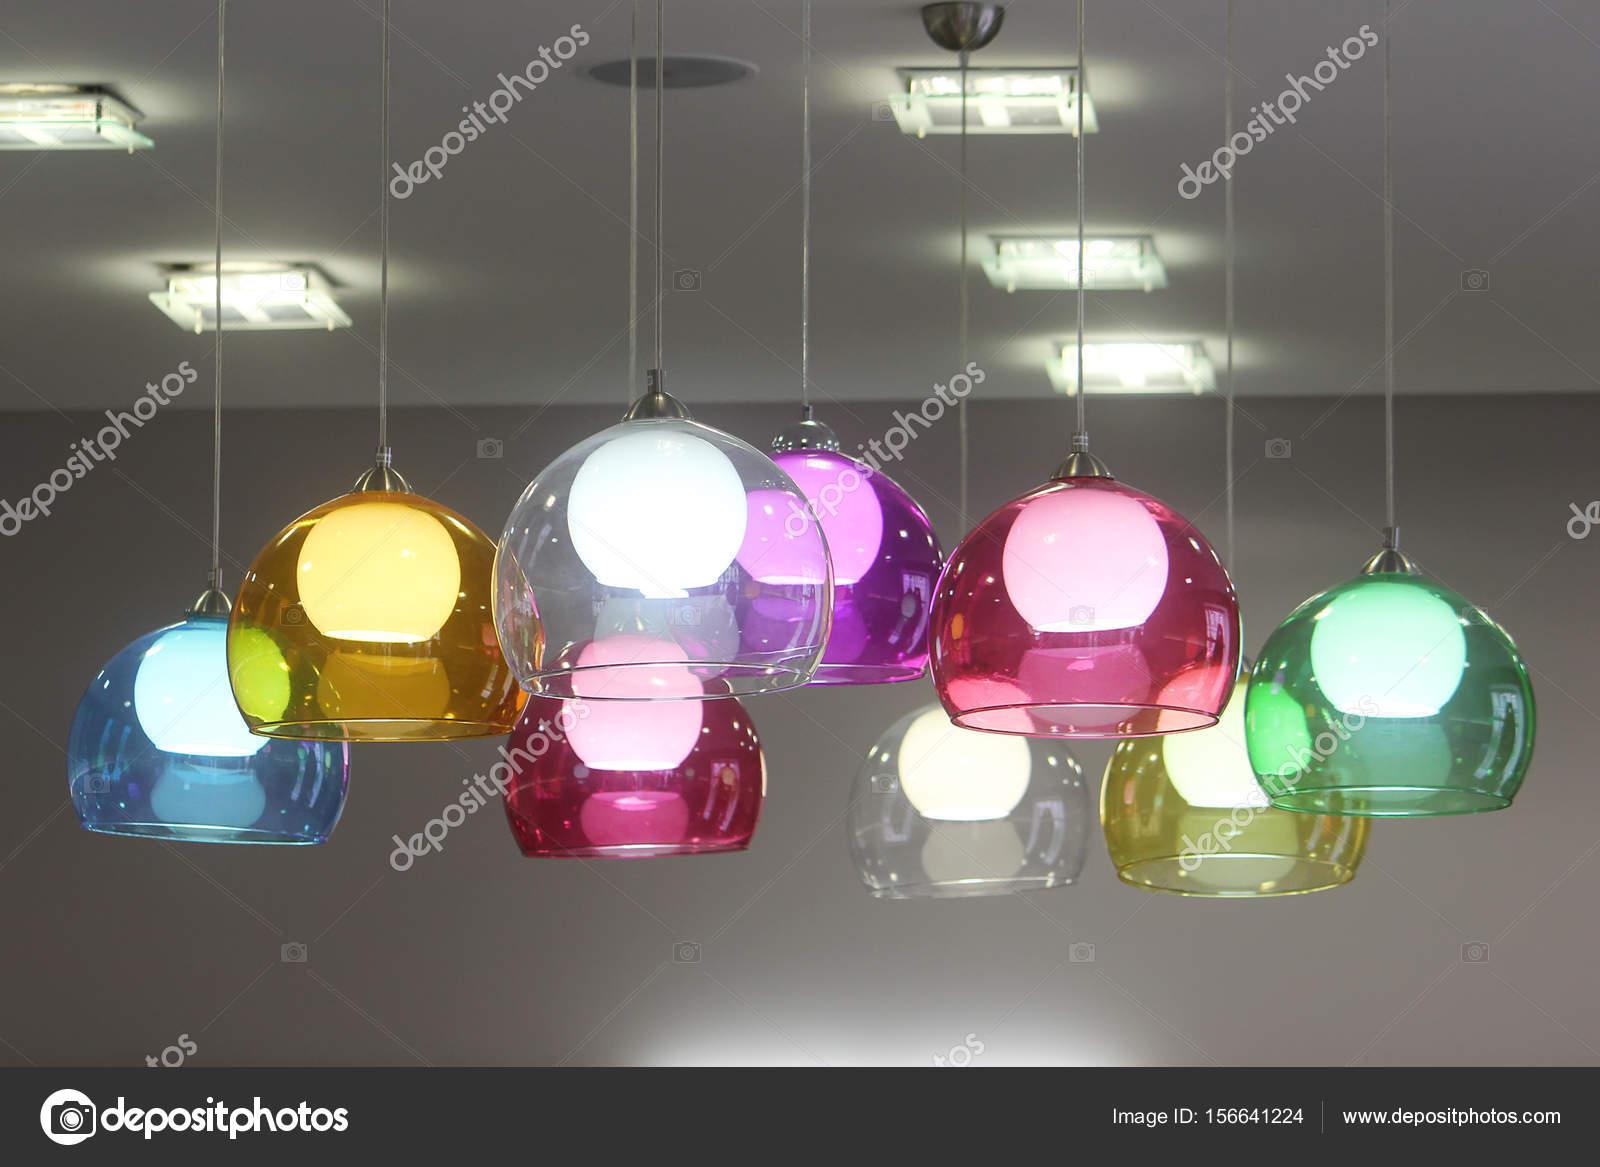 Lampade In Vetro Colorate : Lampade con paralumi in vetro colorato decorano la stanza vividi